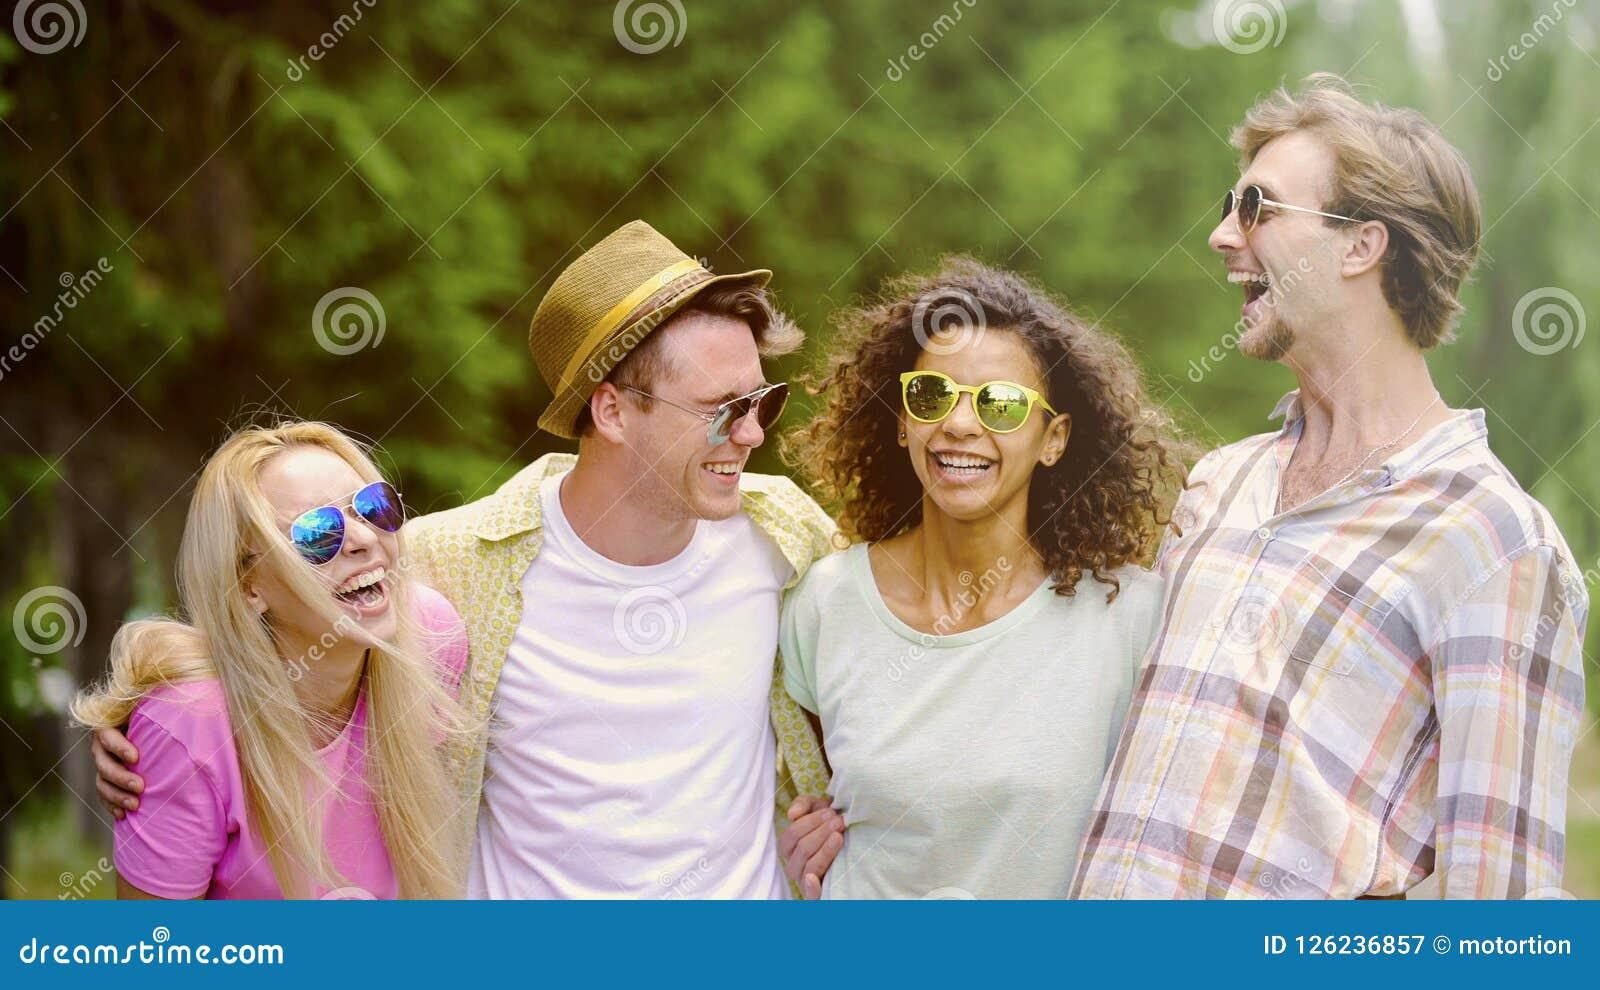 Extrem glückliche junge Leute, die über Witz, enge Freunde draußen sich treffen lachen